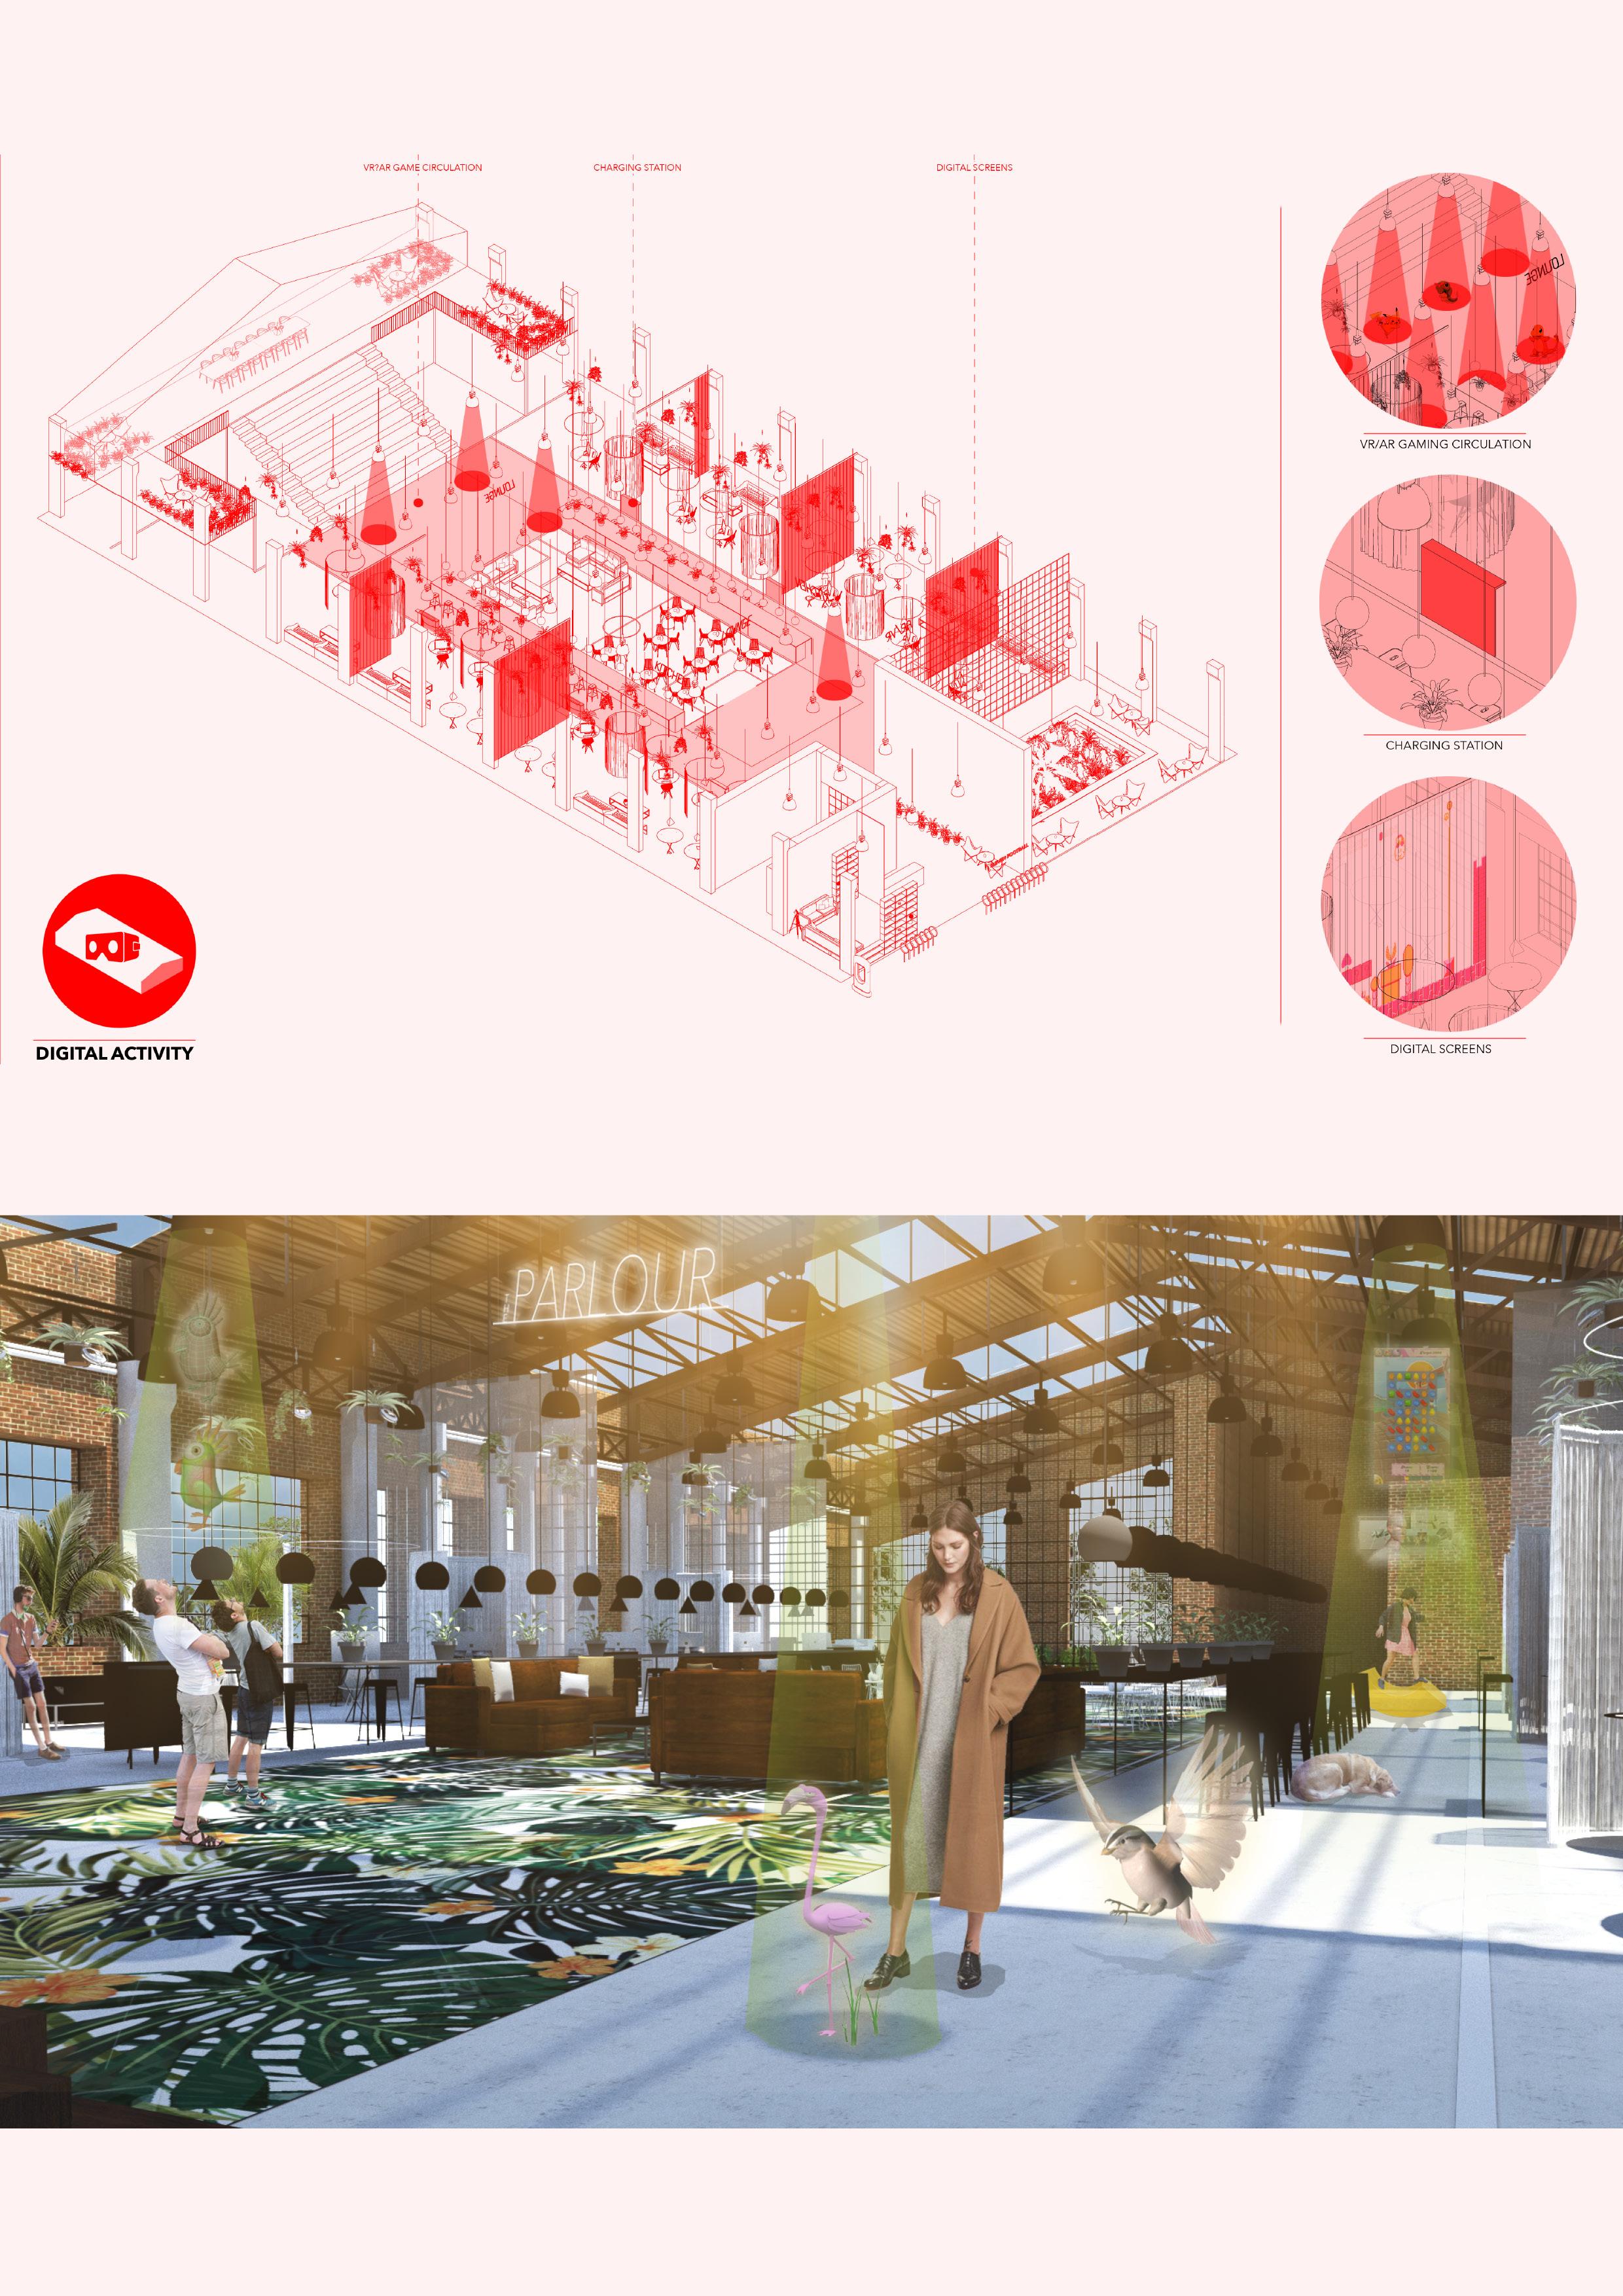 Atelier Aitken Modern Workplace design - Digital Activation